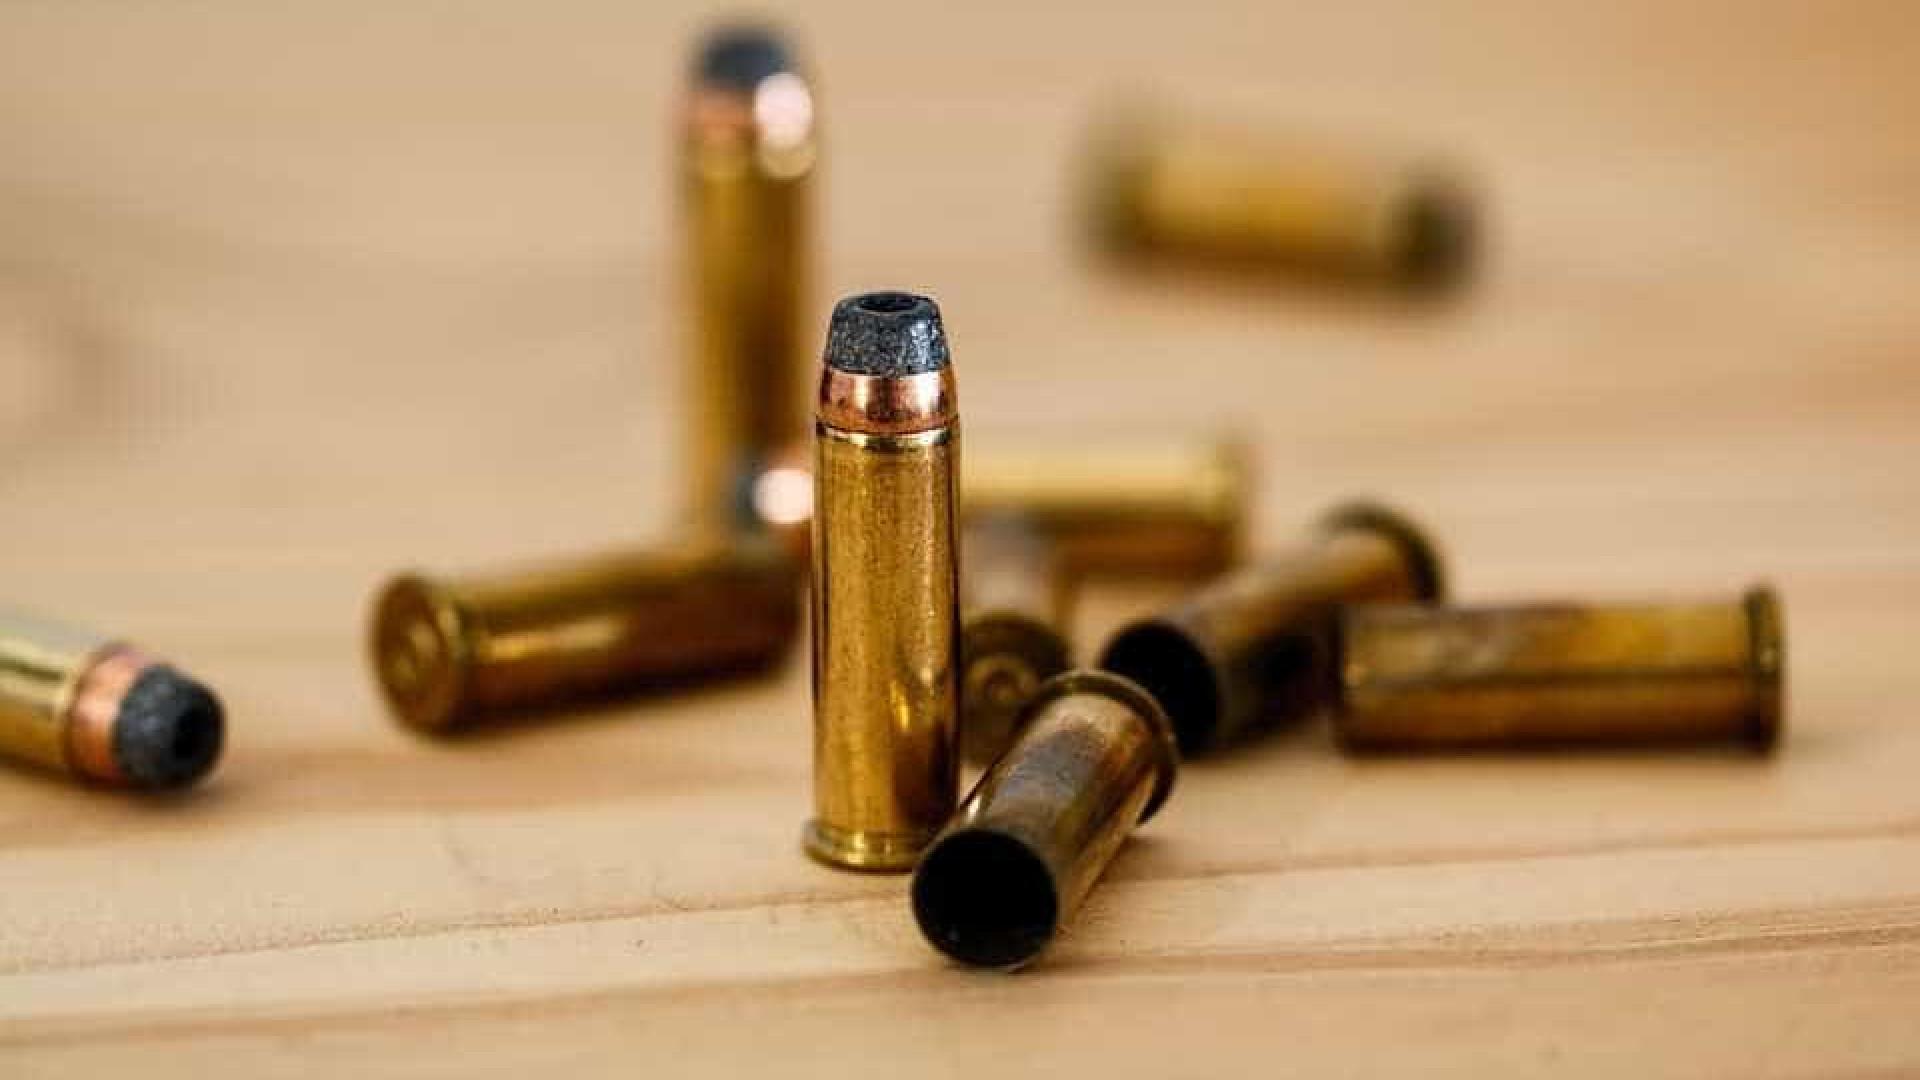 Sobrinho de primeira-dama tenta matar próprio irmão a tiros